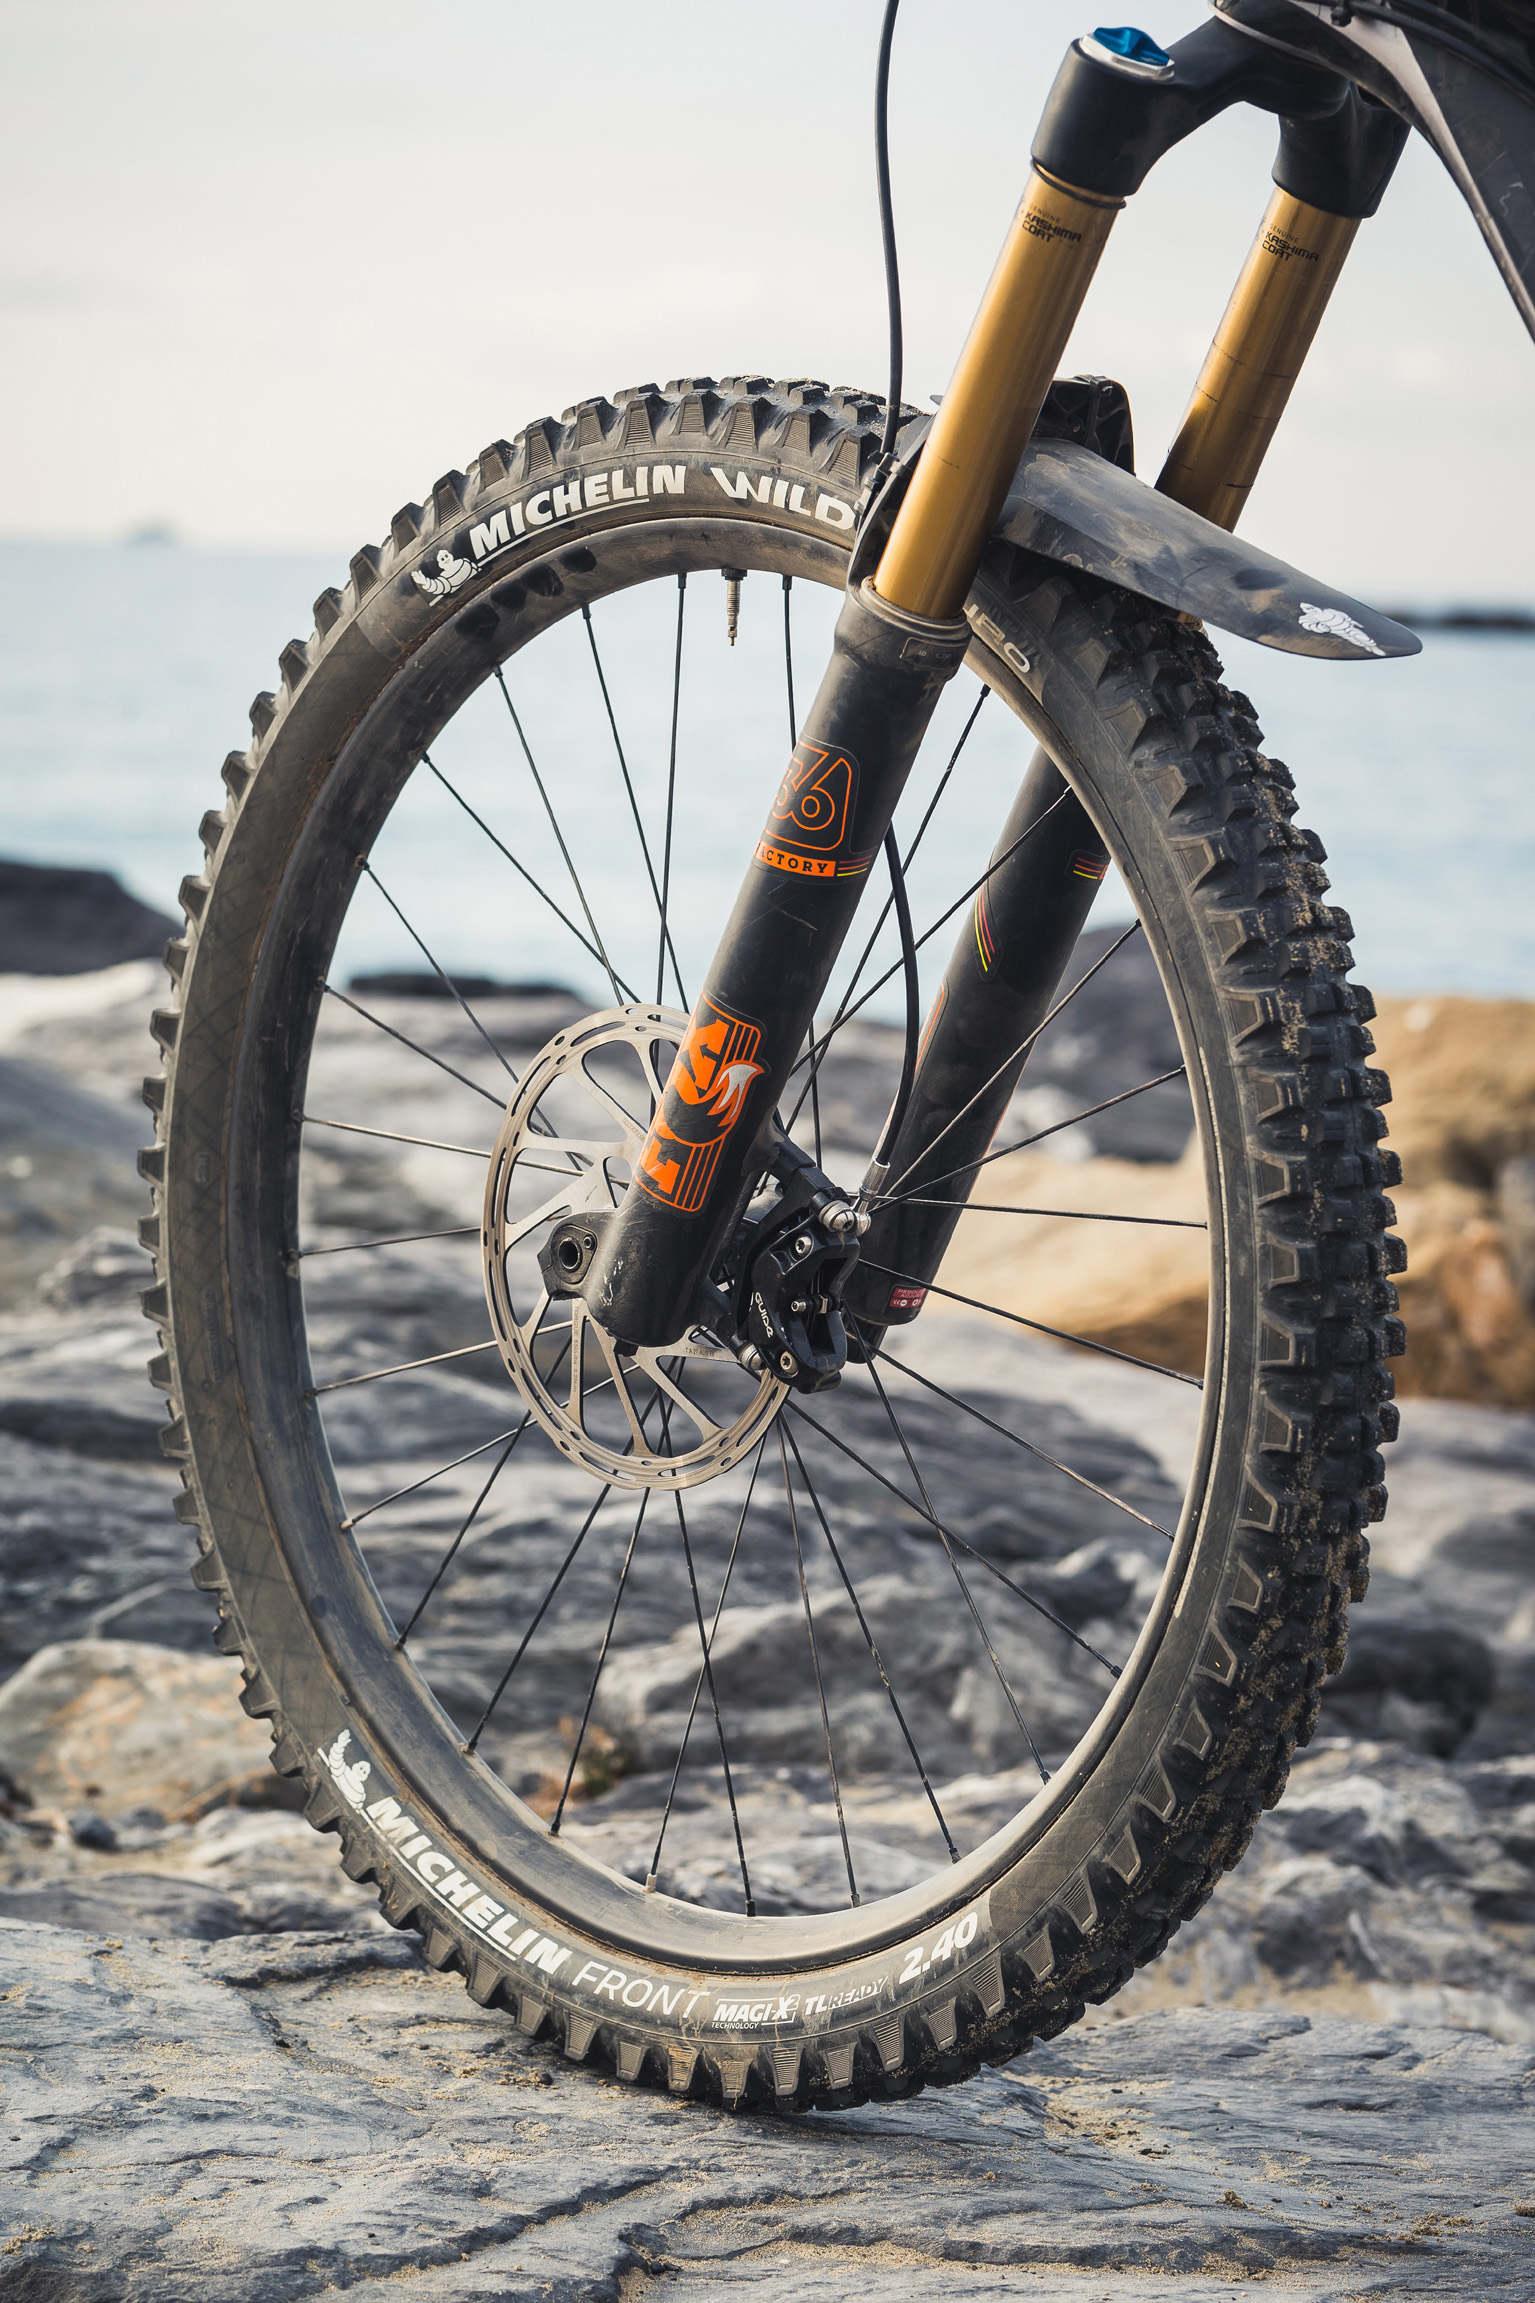 michelin wild enduro reifen im test seite 3 von 3 prime mountainbiking. Black Bedroom Furniture Sets. Home Design Ideas